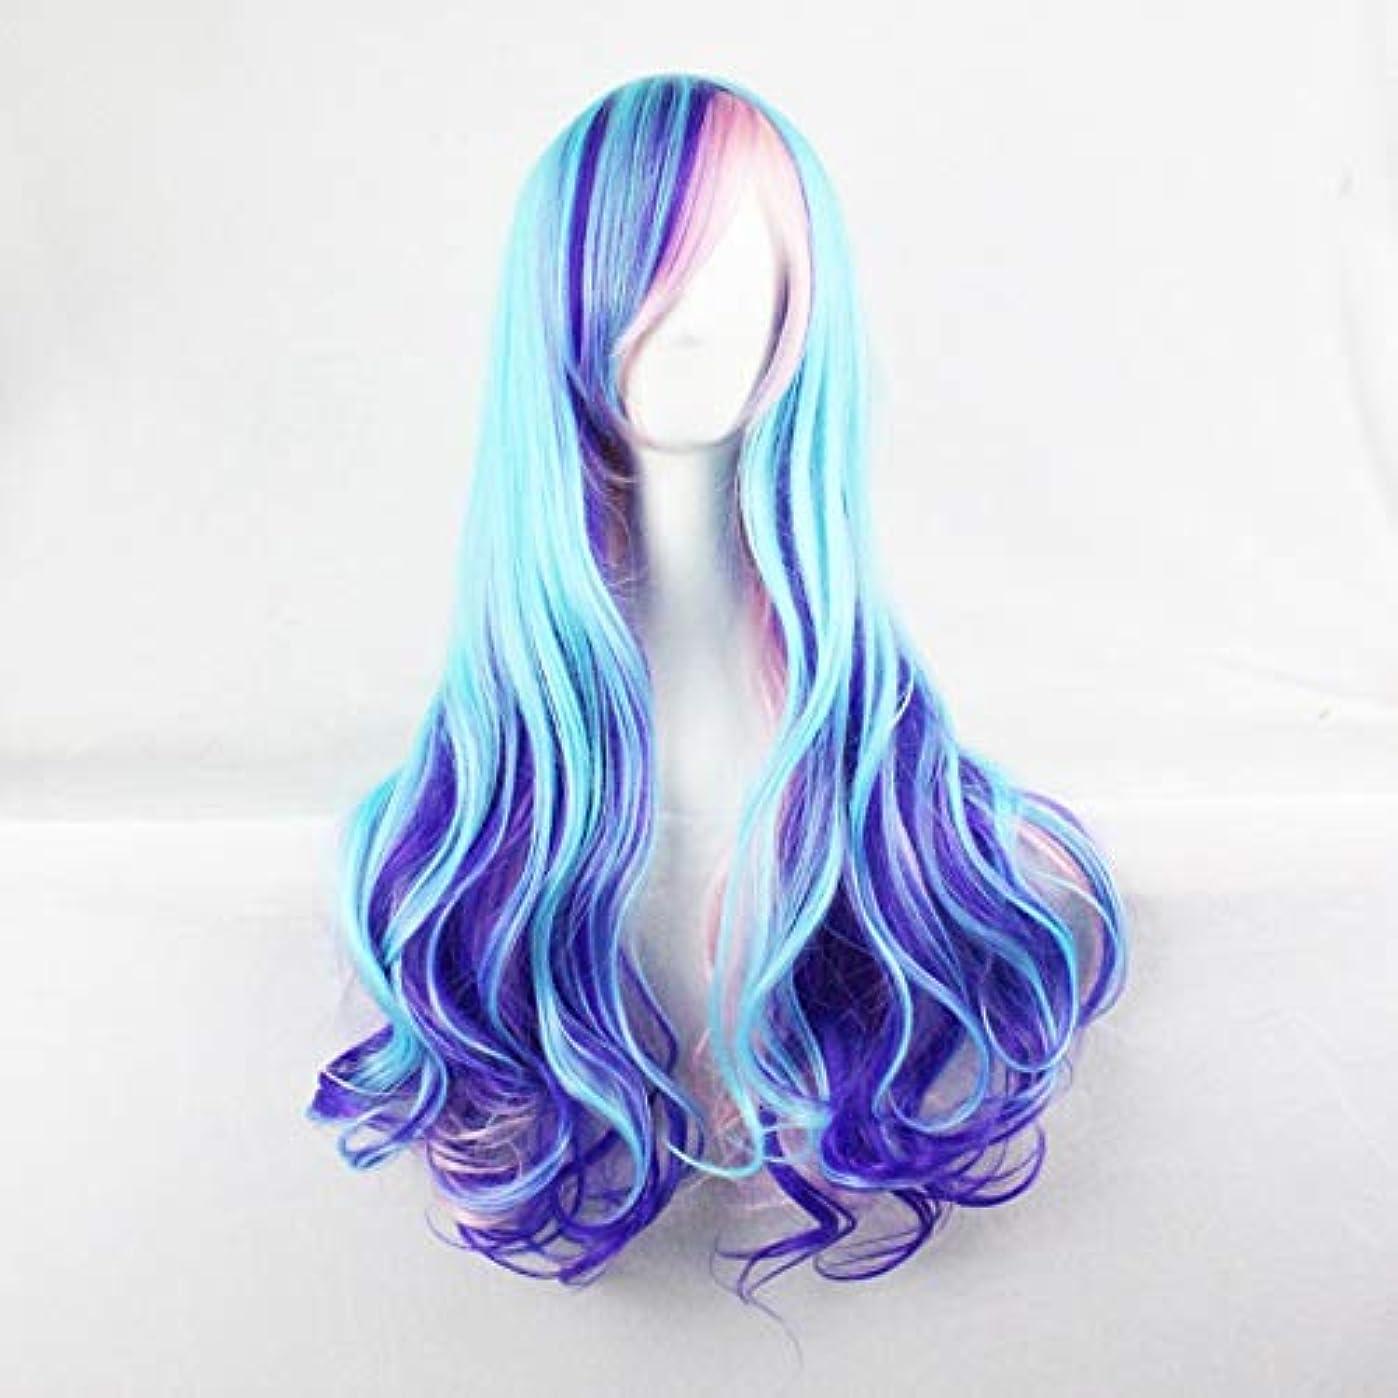 ミスペンド週間桁かつらキャップでかつらファンシードレスカールかつら女性用高品質合成毛髪コスプレ高密度かつら女性&女の子ブルー、ピンク、パープル (Color : 青)